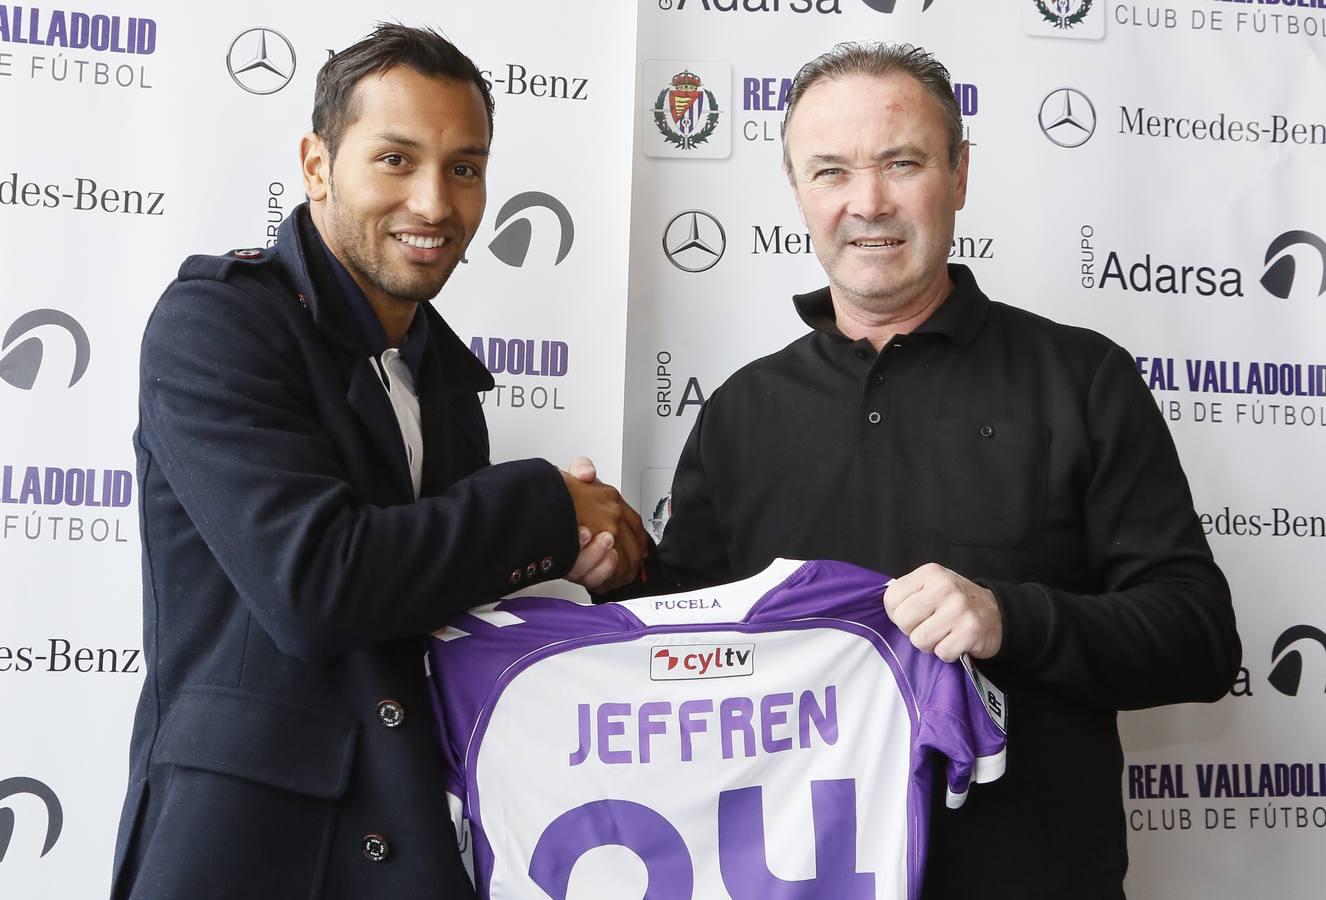 Presentación y primer entrenamiento de Jeffren con el Real Valladolid